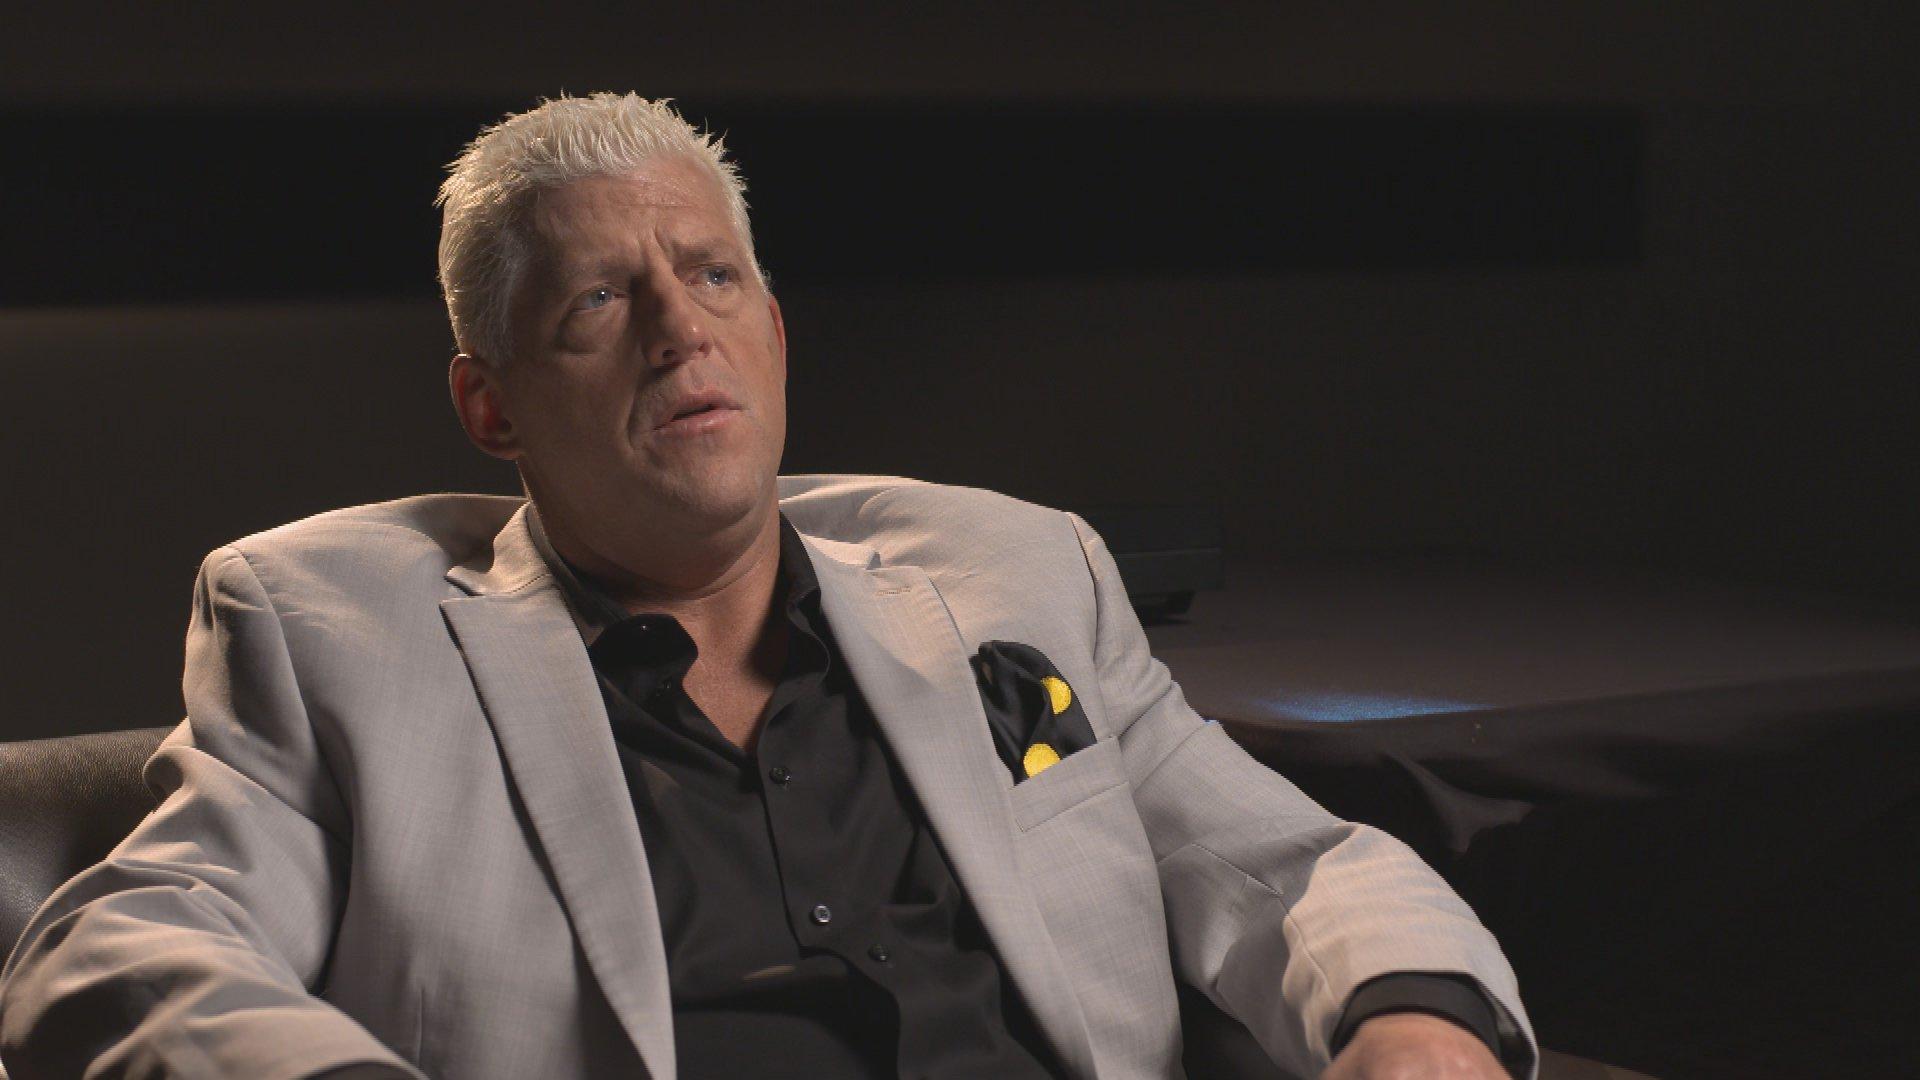 Goldust dévoile sa source d'inspiration pour la peinture sur le visage dans WWE Photo Shoot (Exclusivité WWE Network)